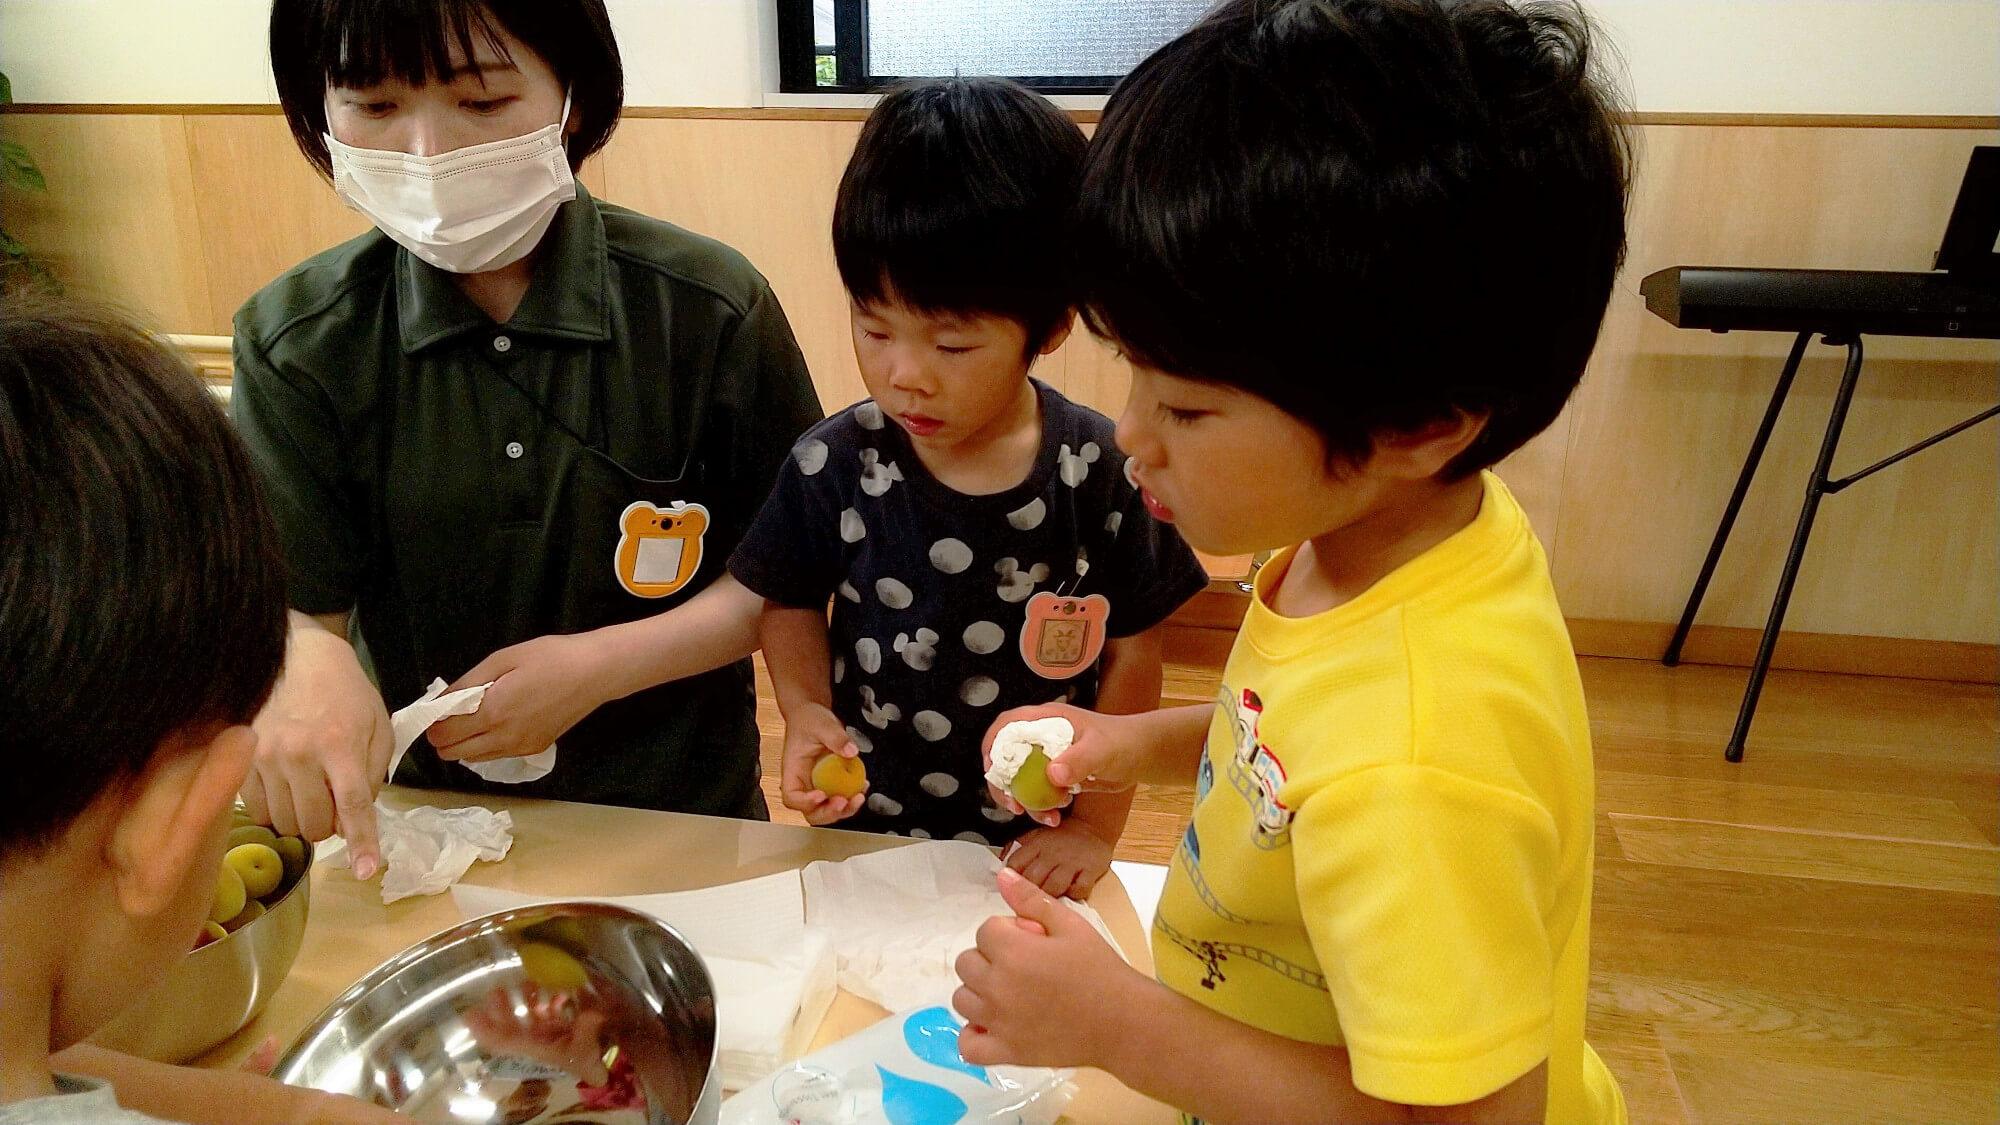 梅の実の拭き方を教え合う子どもたち